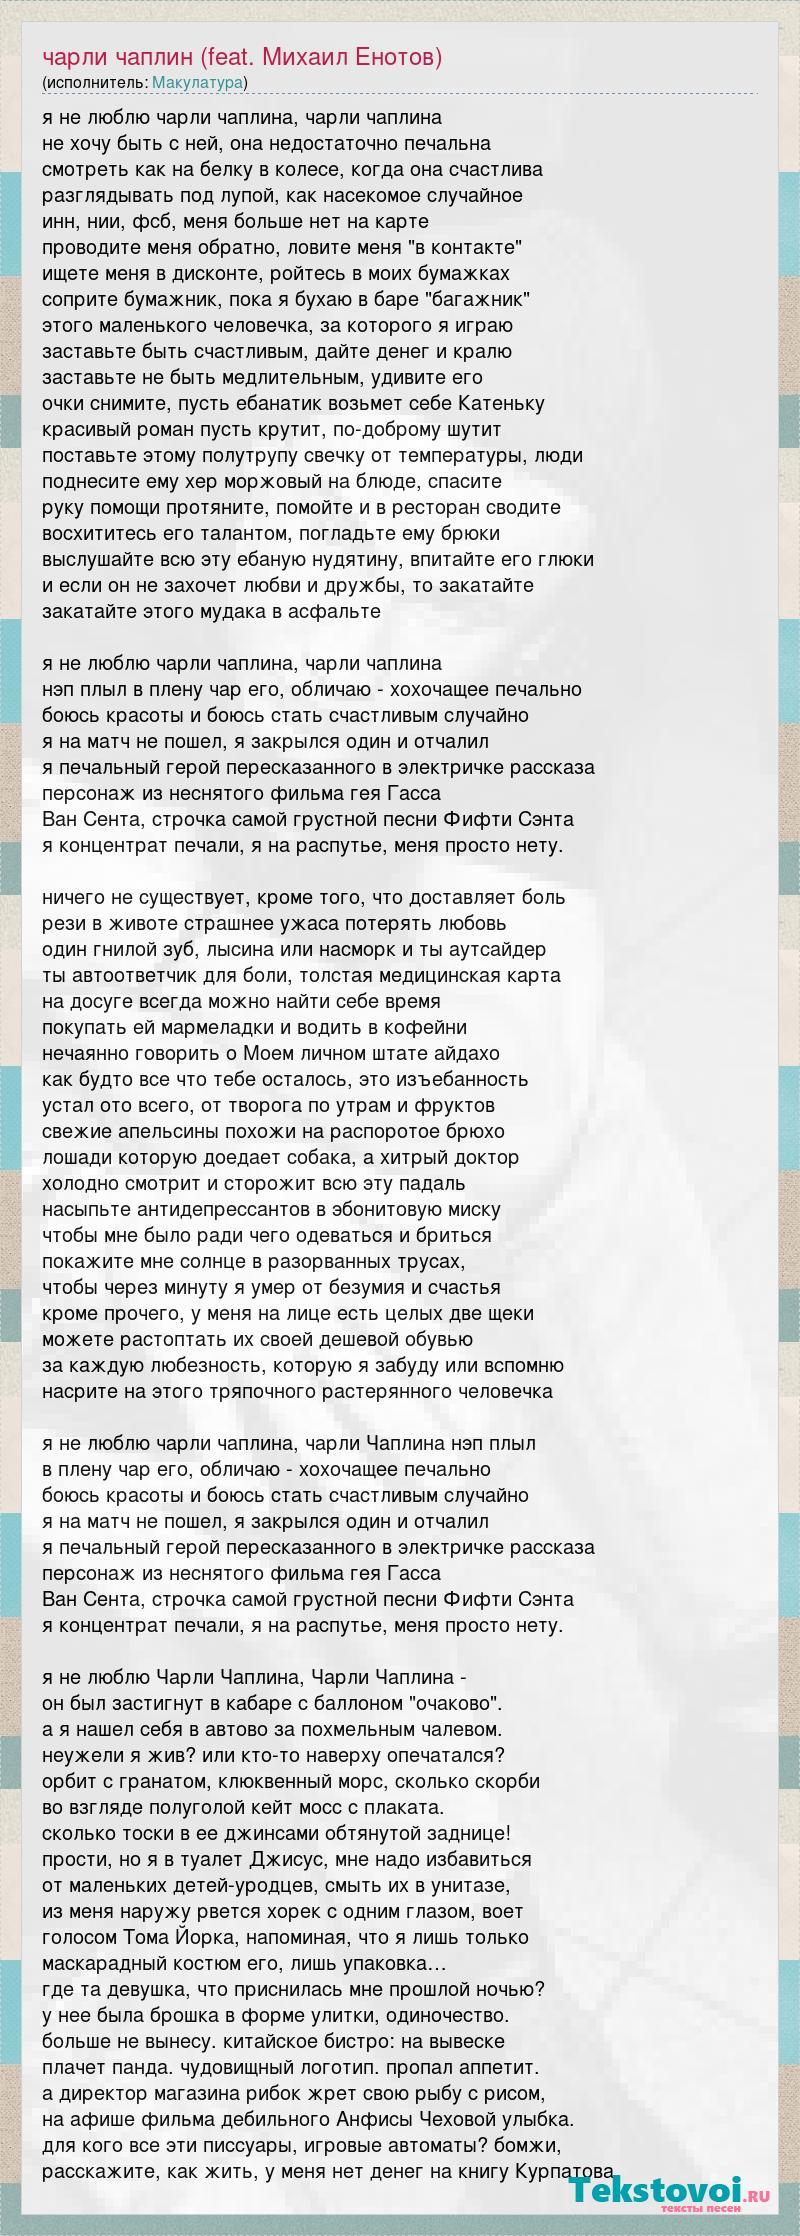 Макулатура чарли чаплин текст макулатура пермь сдать цена рабочая 19 1